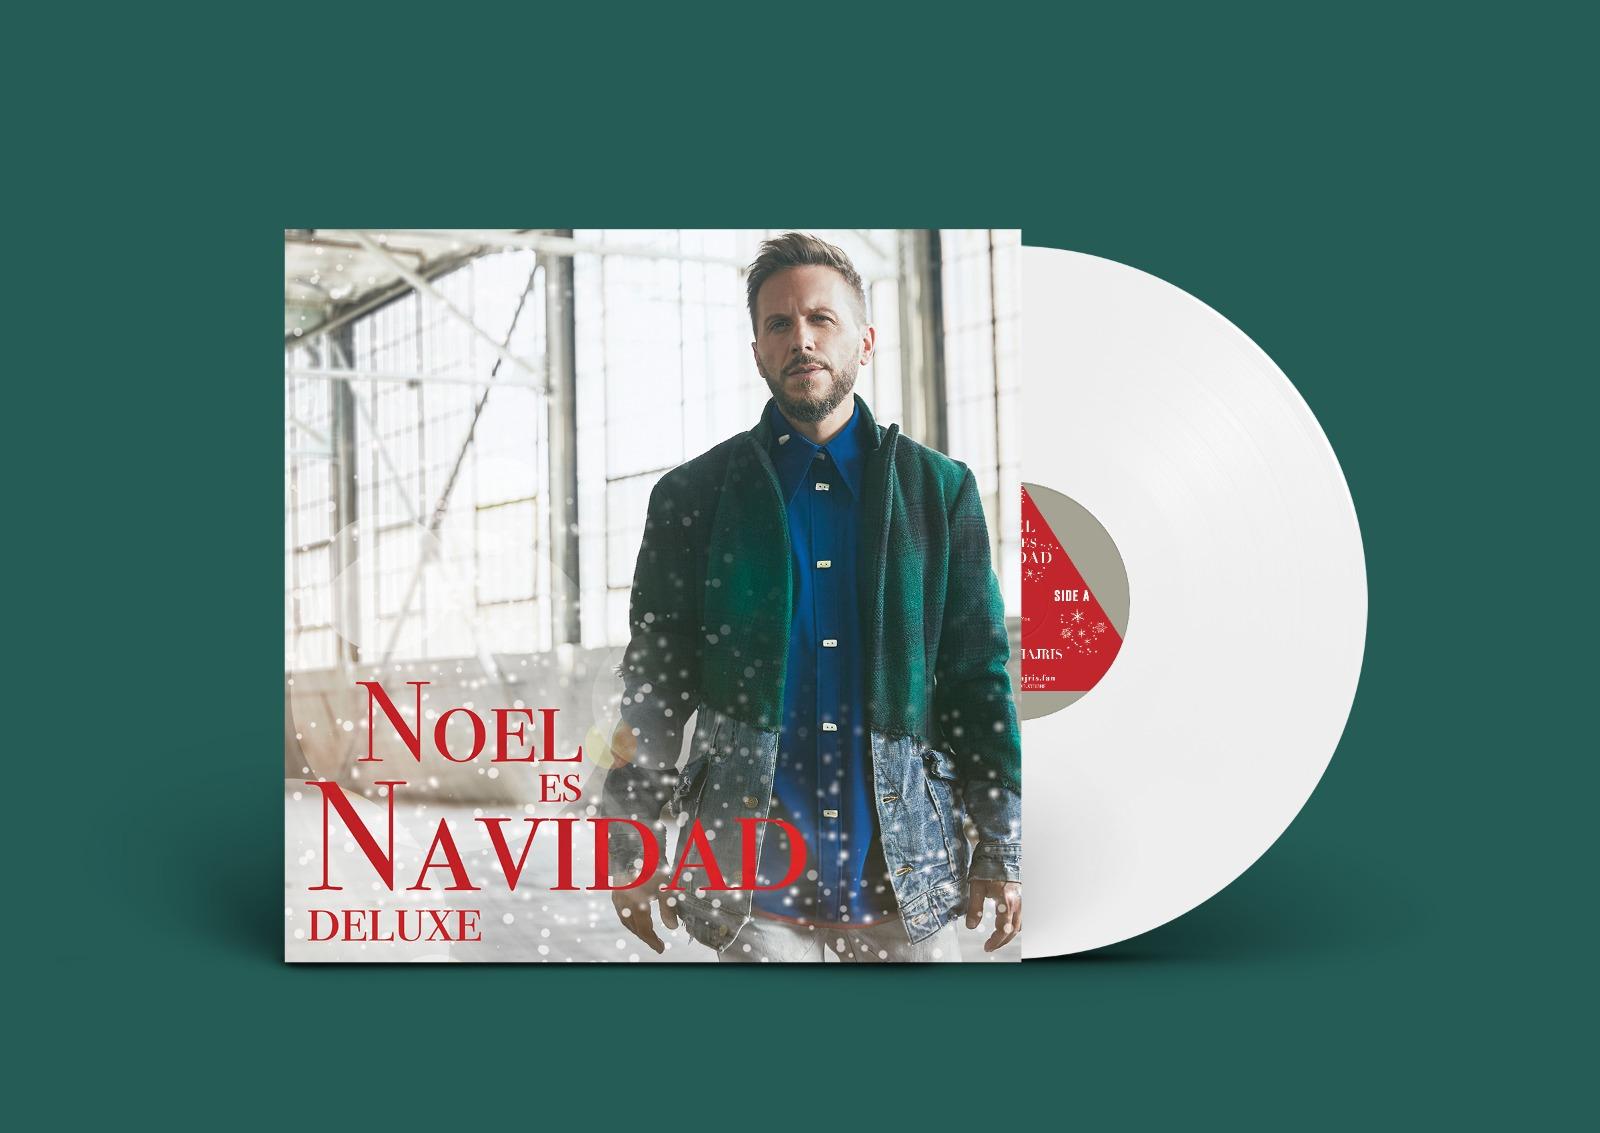 Navidad Vinyl